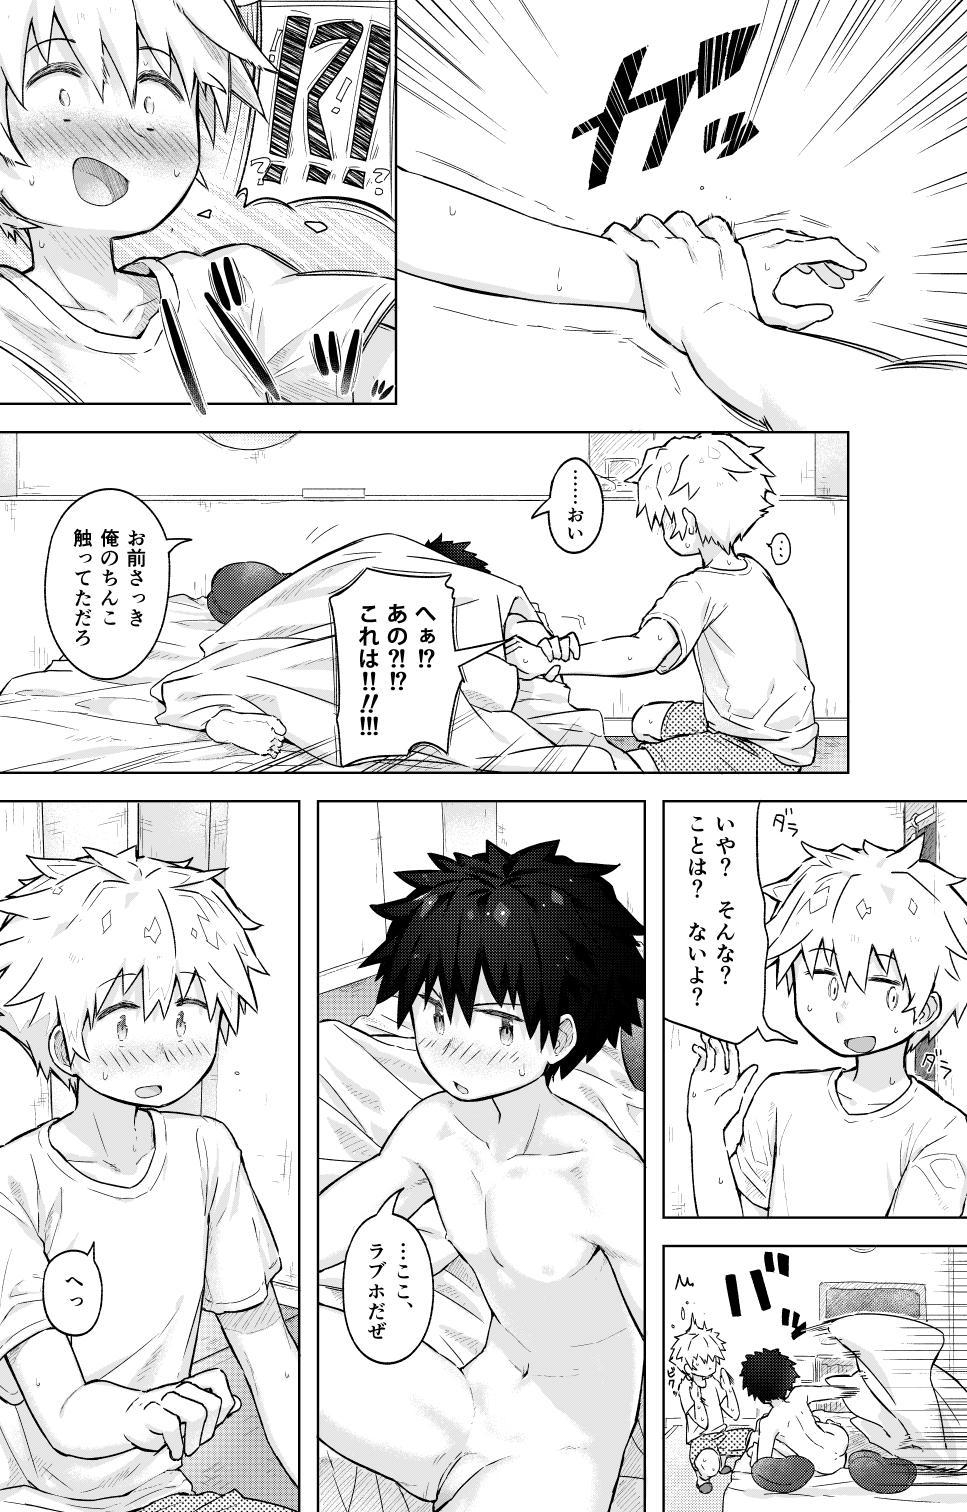 Tomodachi doushi de rabuho ni tomarukoto ni natta 8